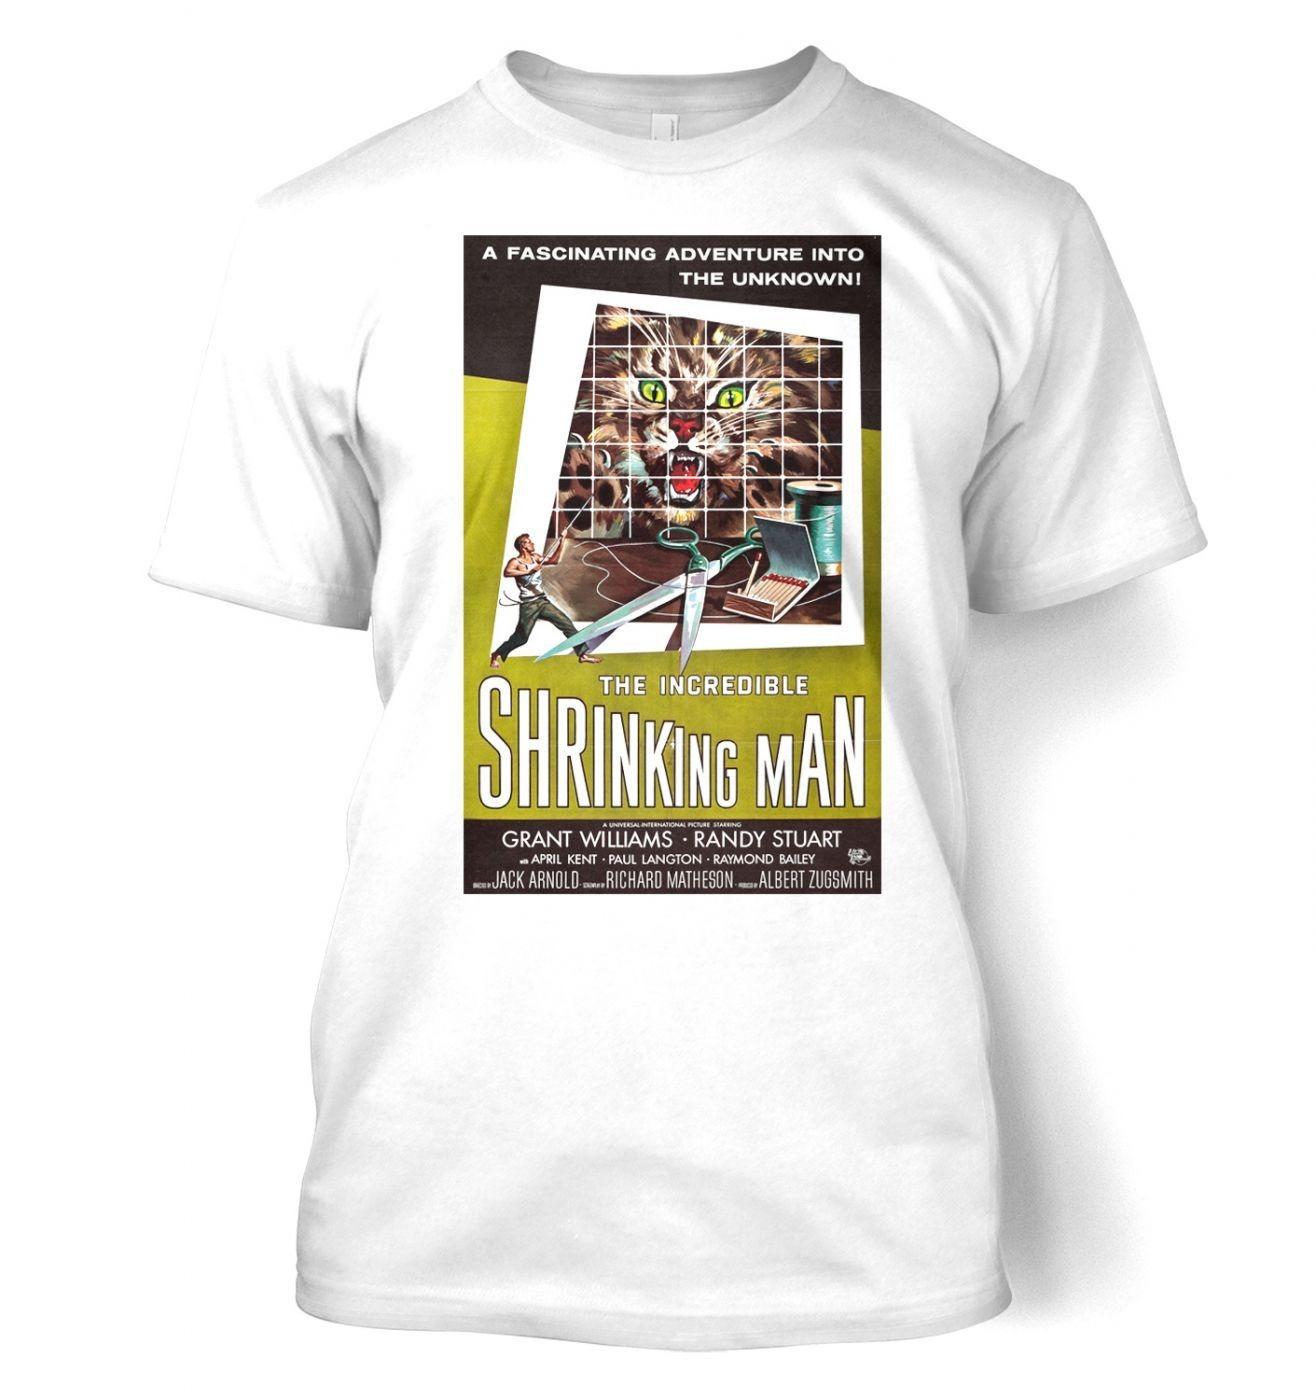 Incredible Shrinking Man men's t-shirt